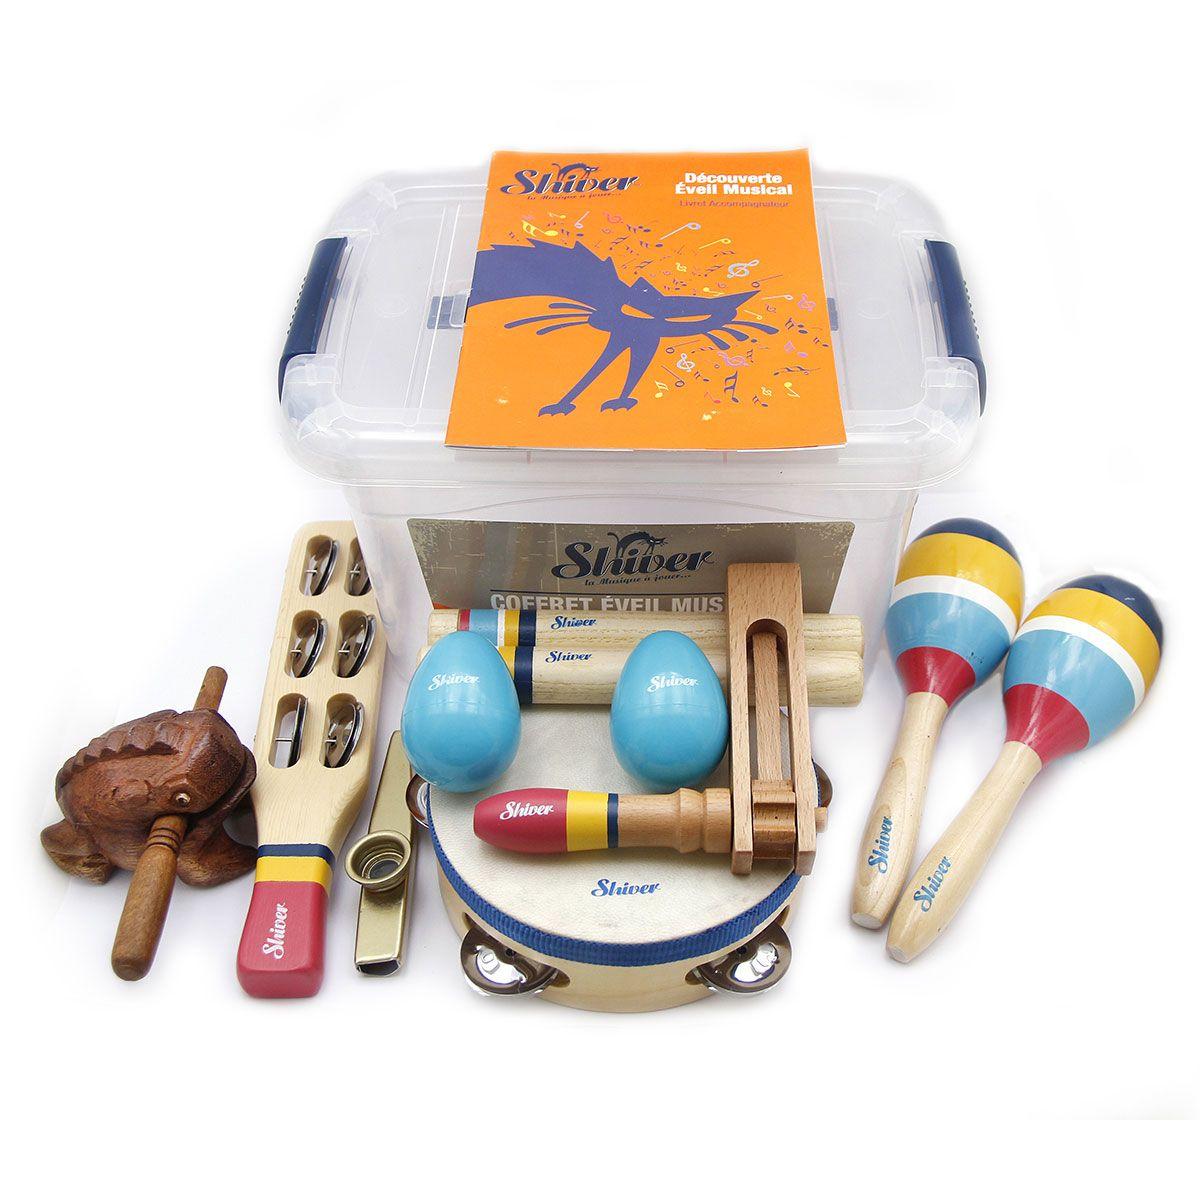 Coffret d'éveil musical 9 instruments - Shiver